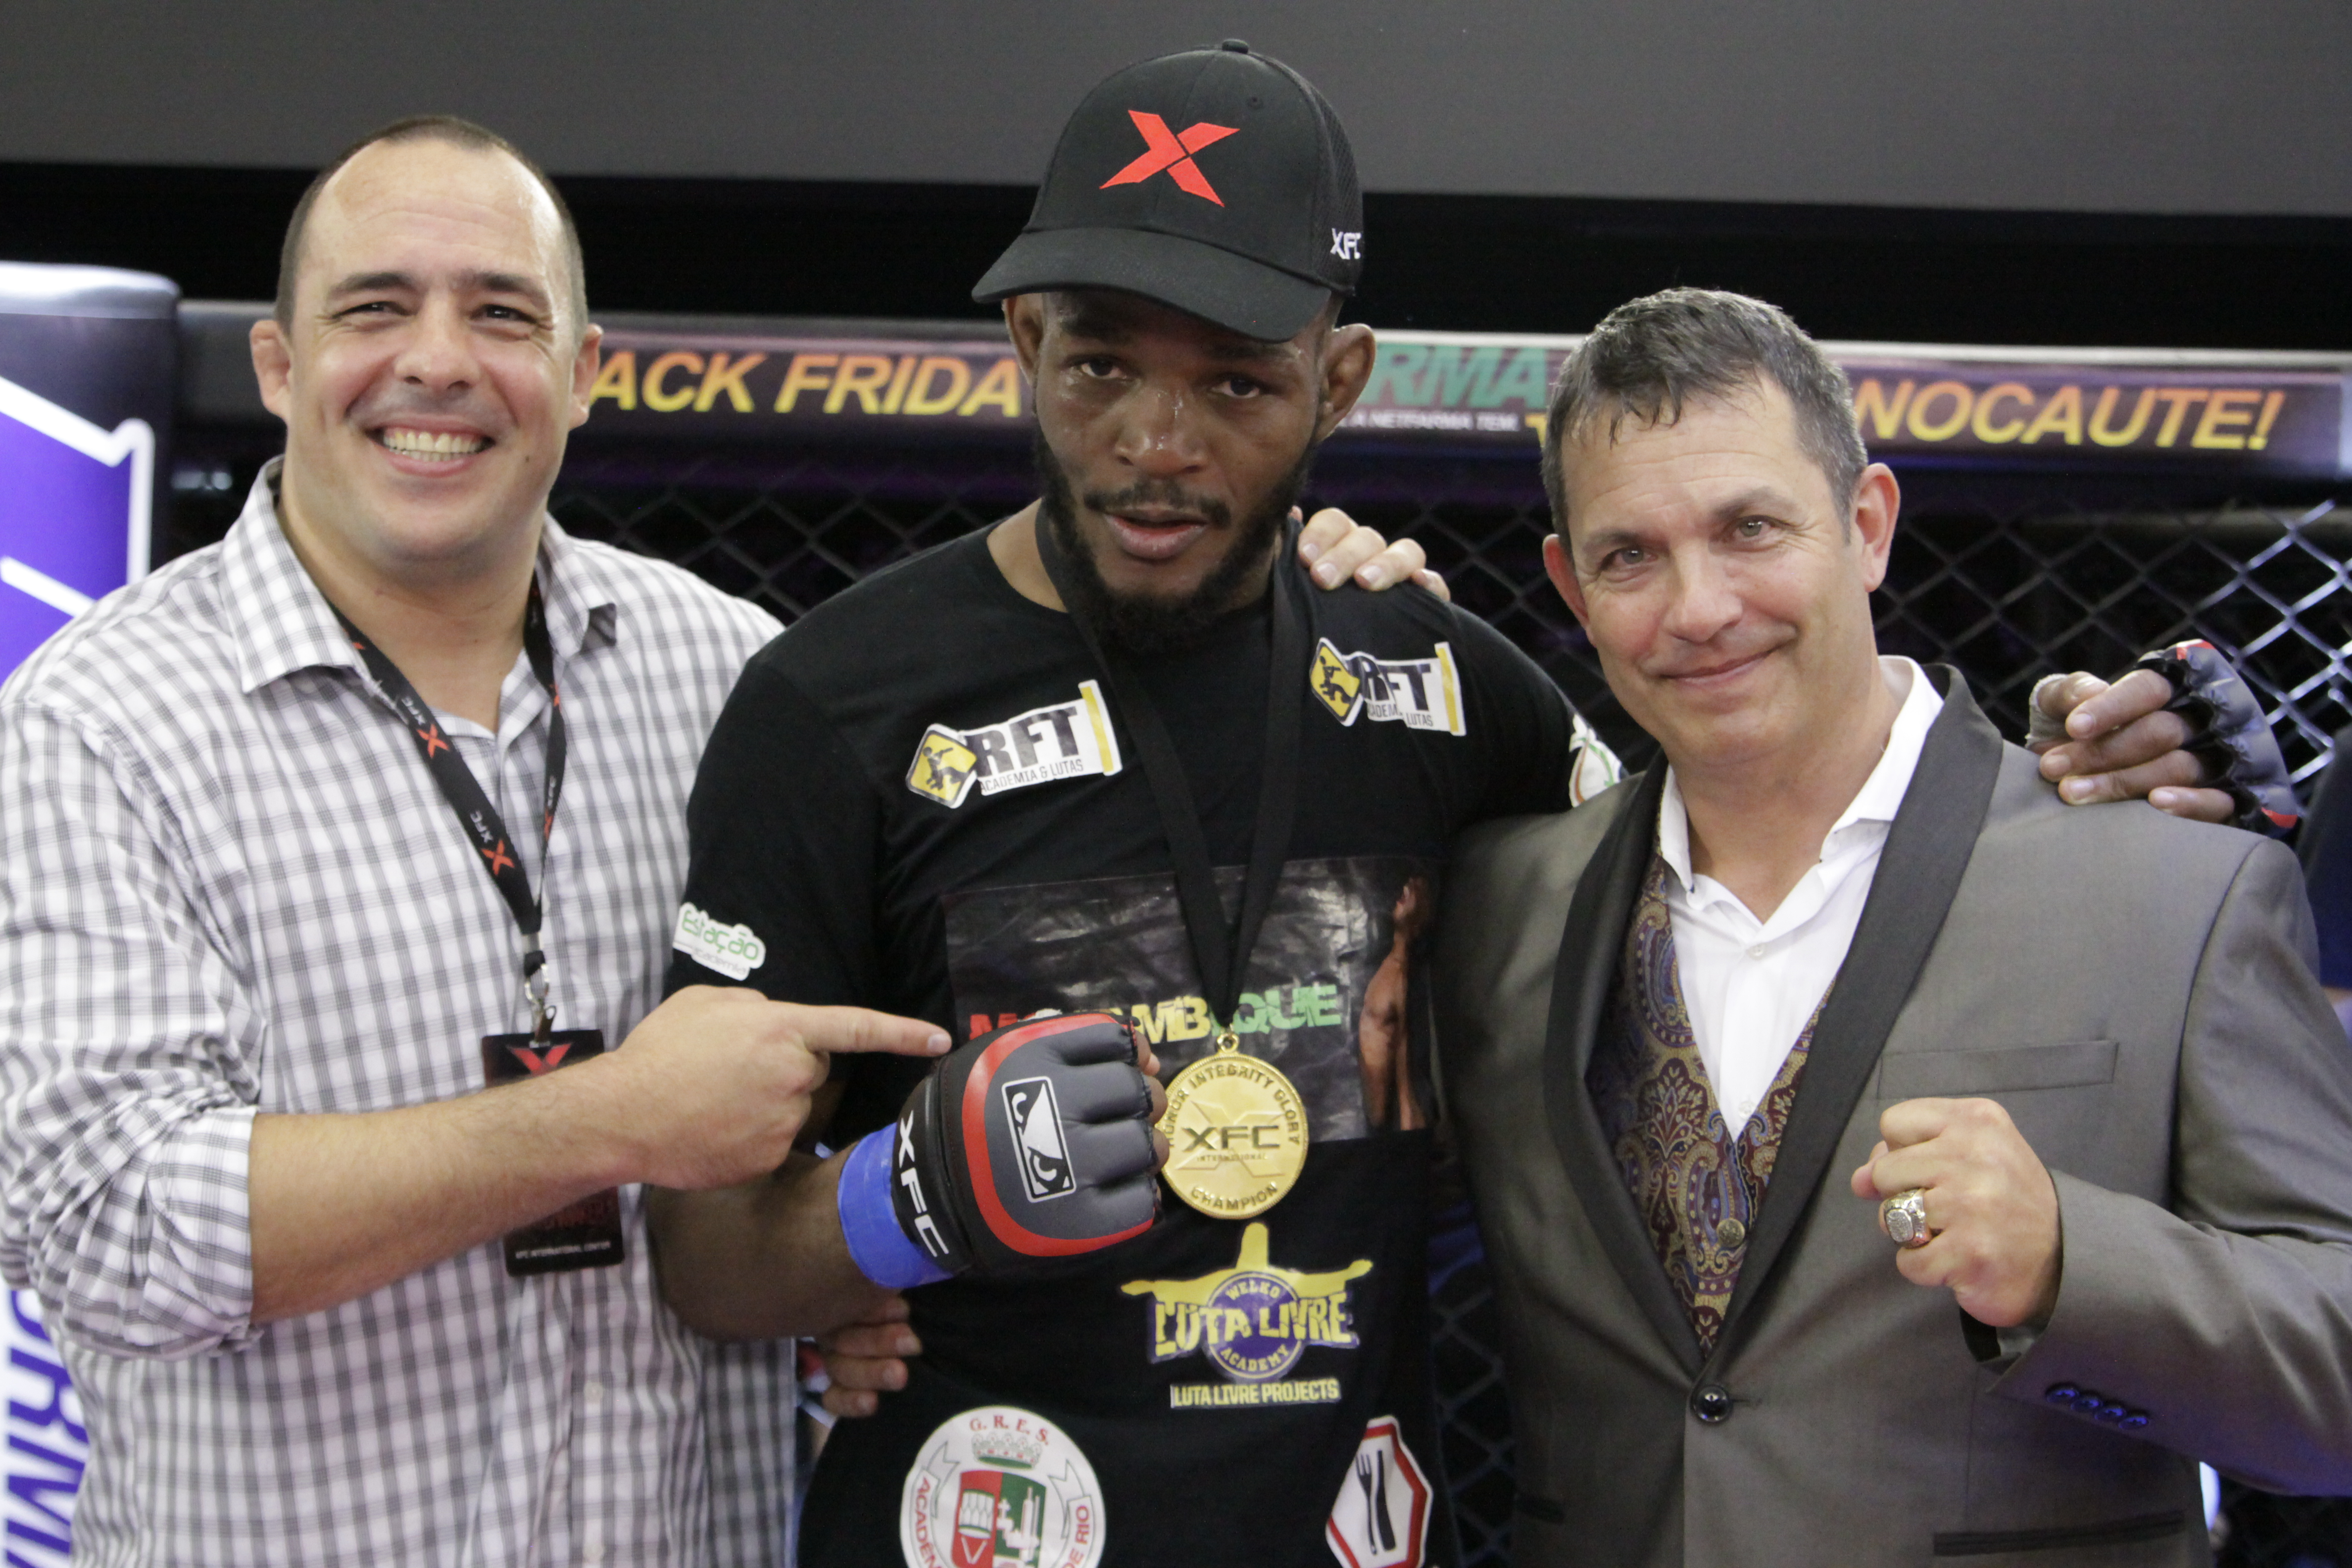 Carlston Harris é o novo campeão do torneio peso-meio-médio do XFC (Foto: Divulgação/Fusion Photography)